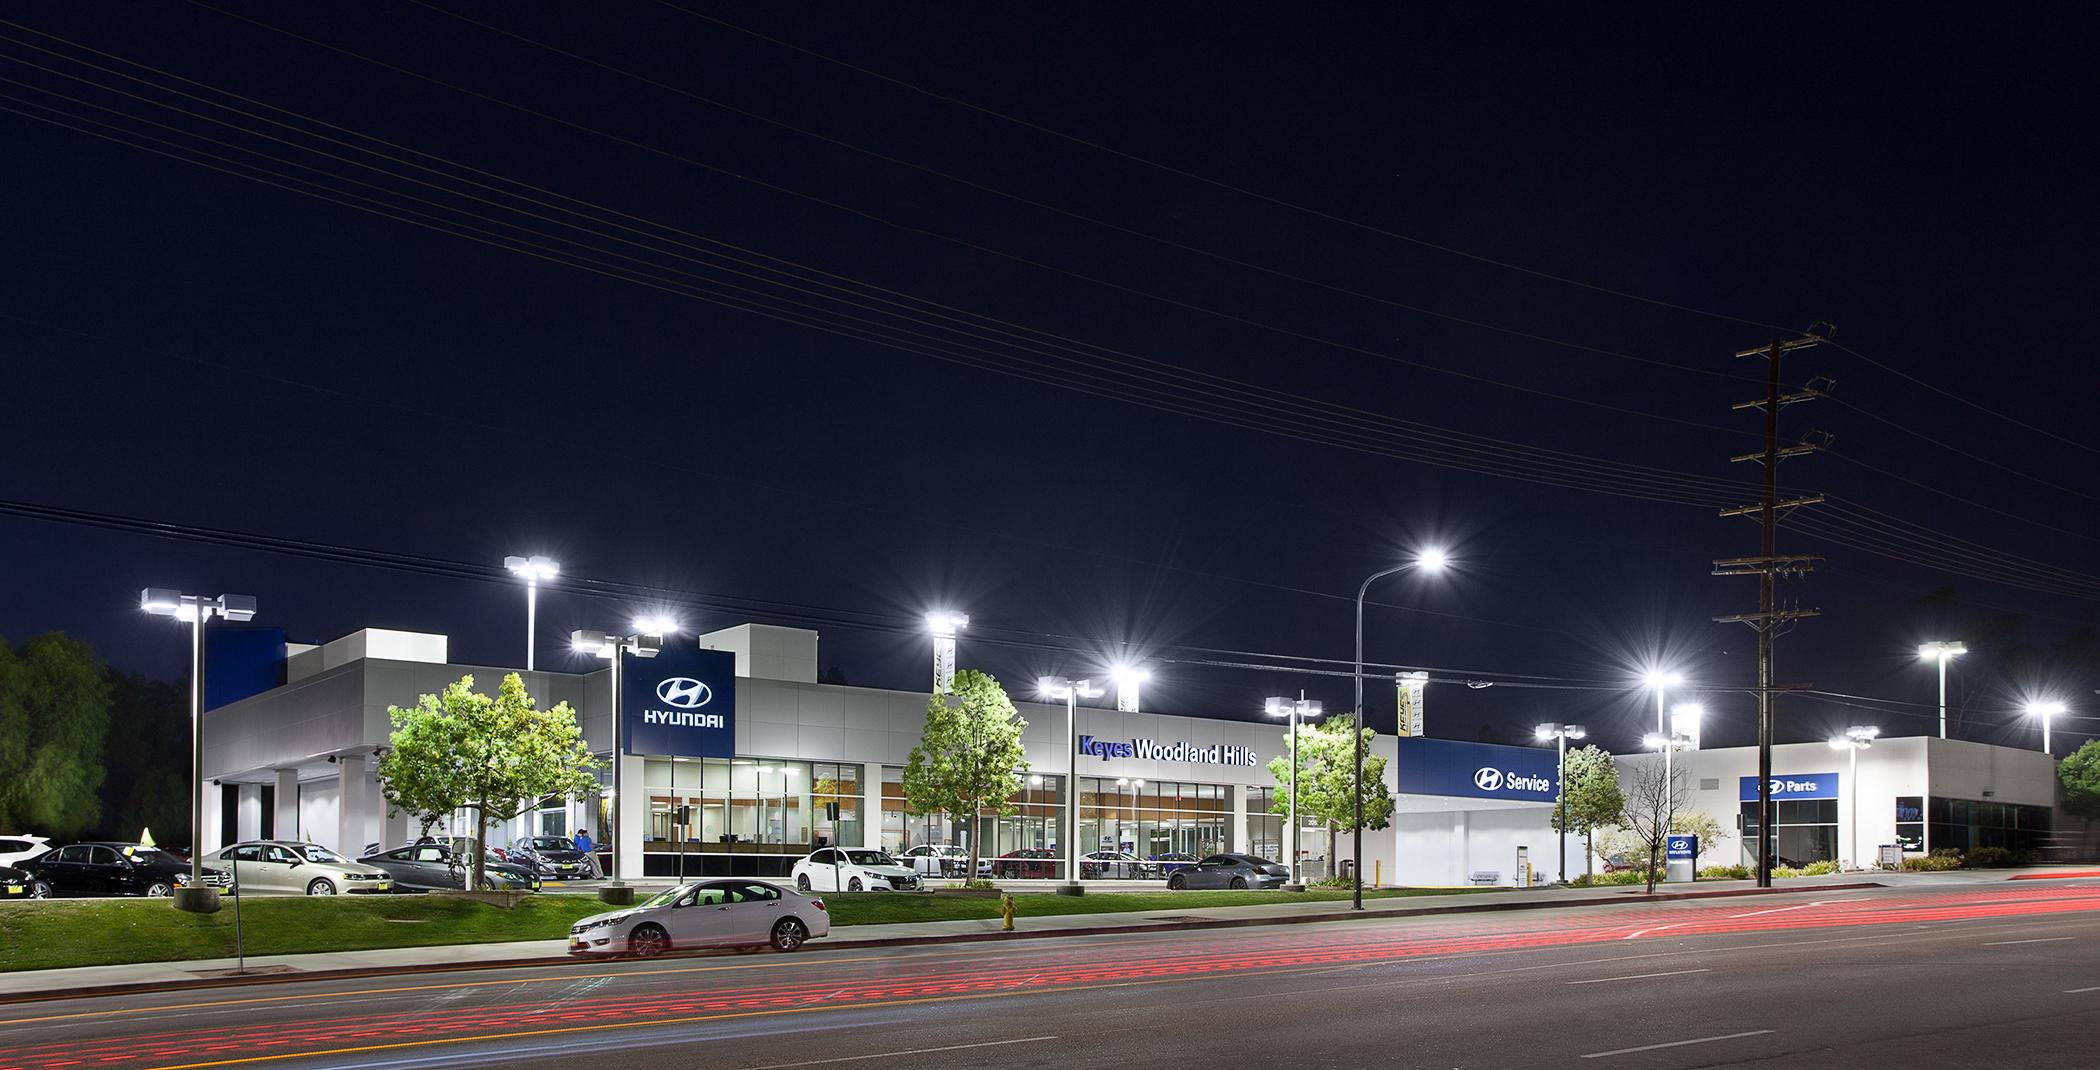 Hyundai_WoodlandHills_Twilight_Overall_2.jpg